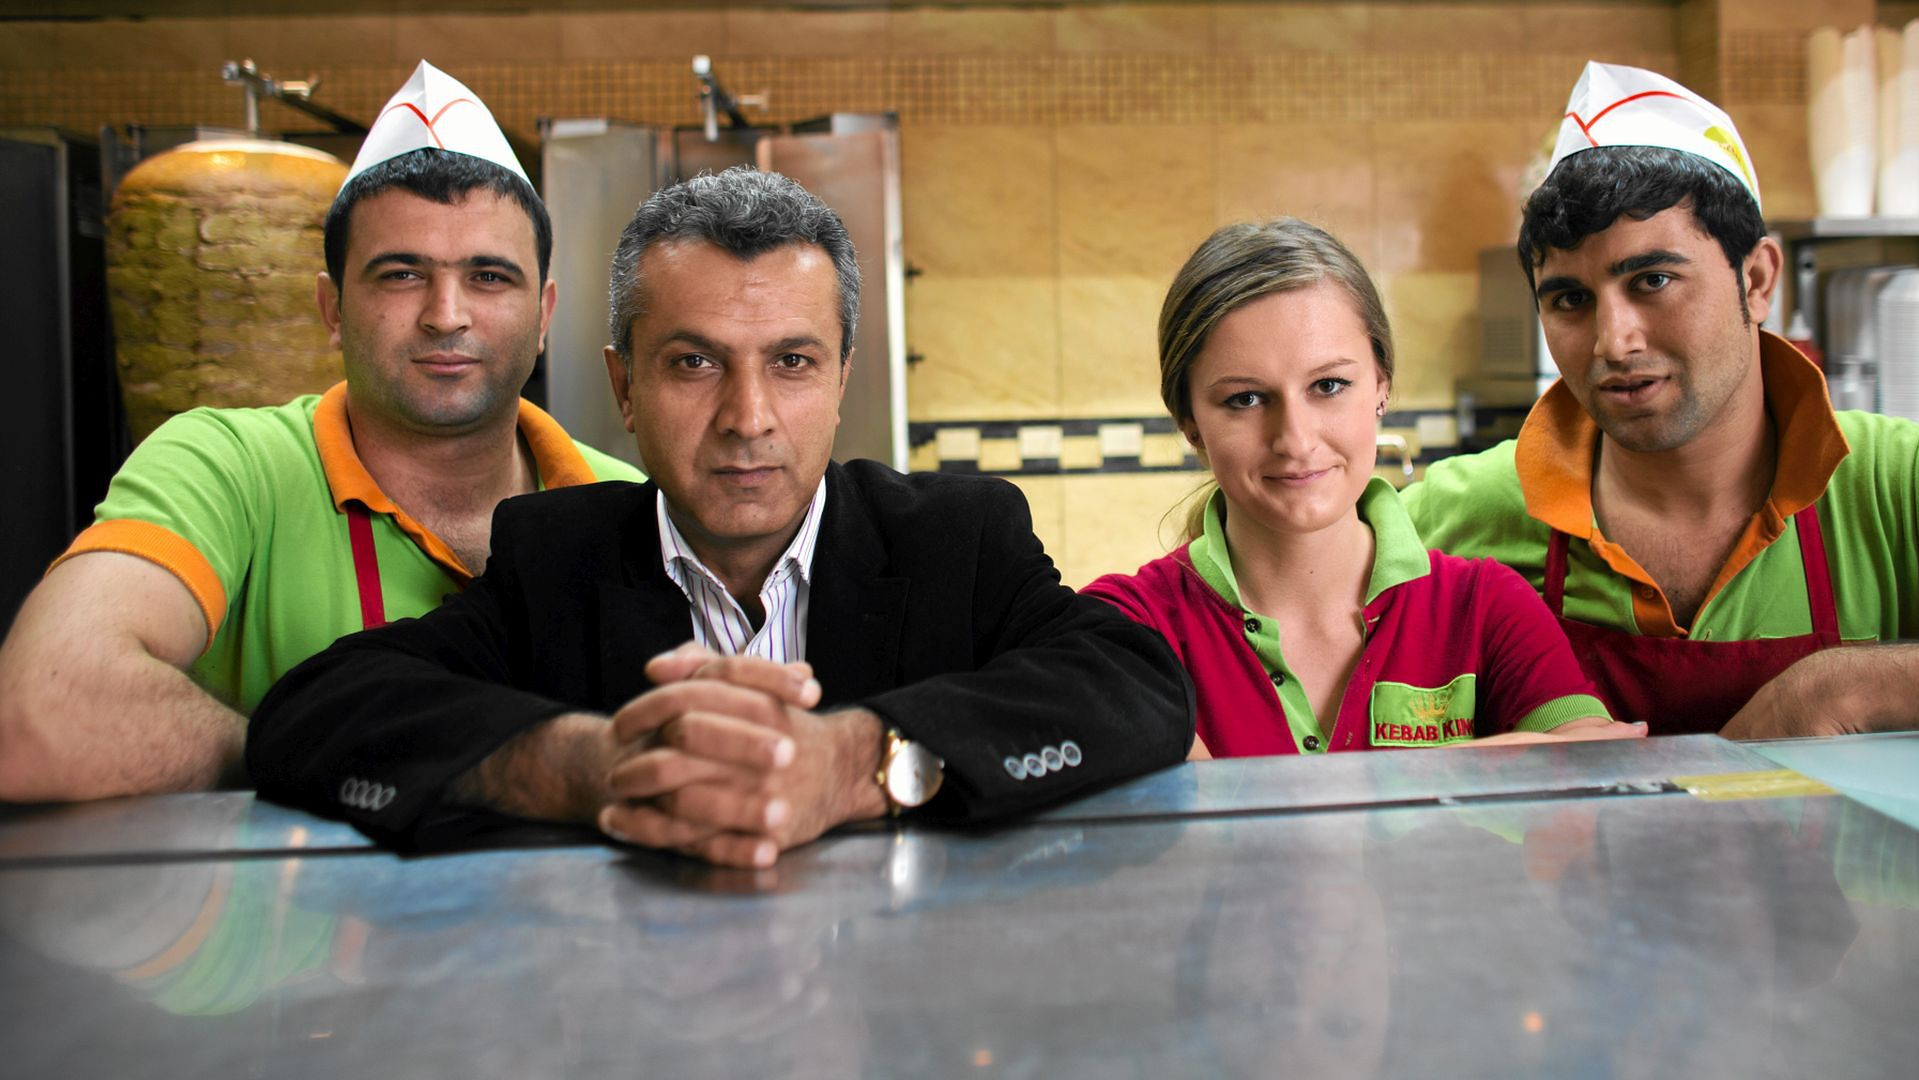 Mustafa Mohammad (drugi z lewej) z pracownikami sieci restauracji Kebab King / fot. Bartosz Bobkowski